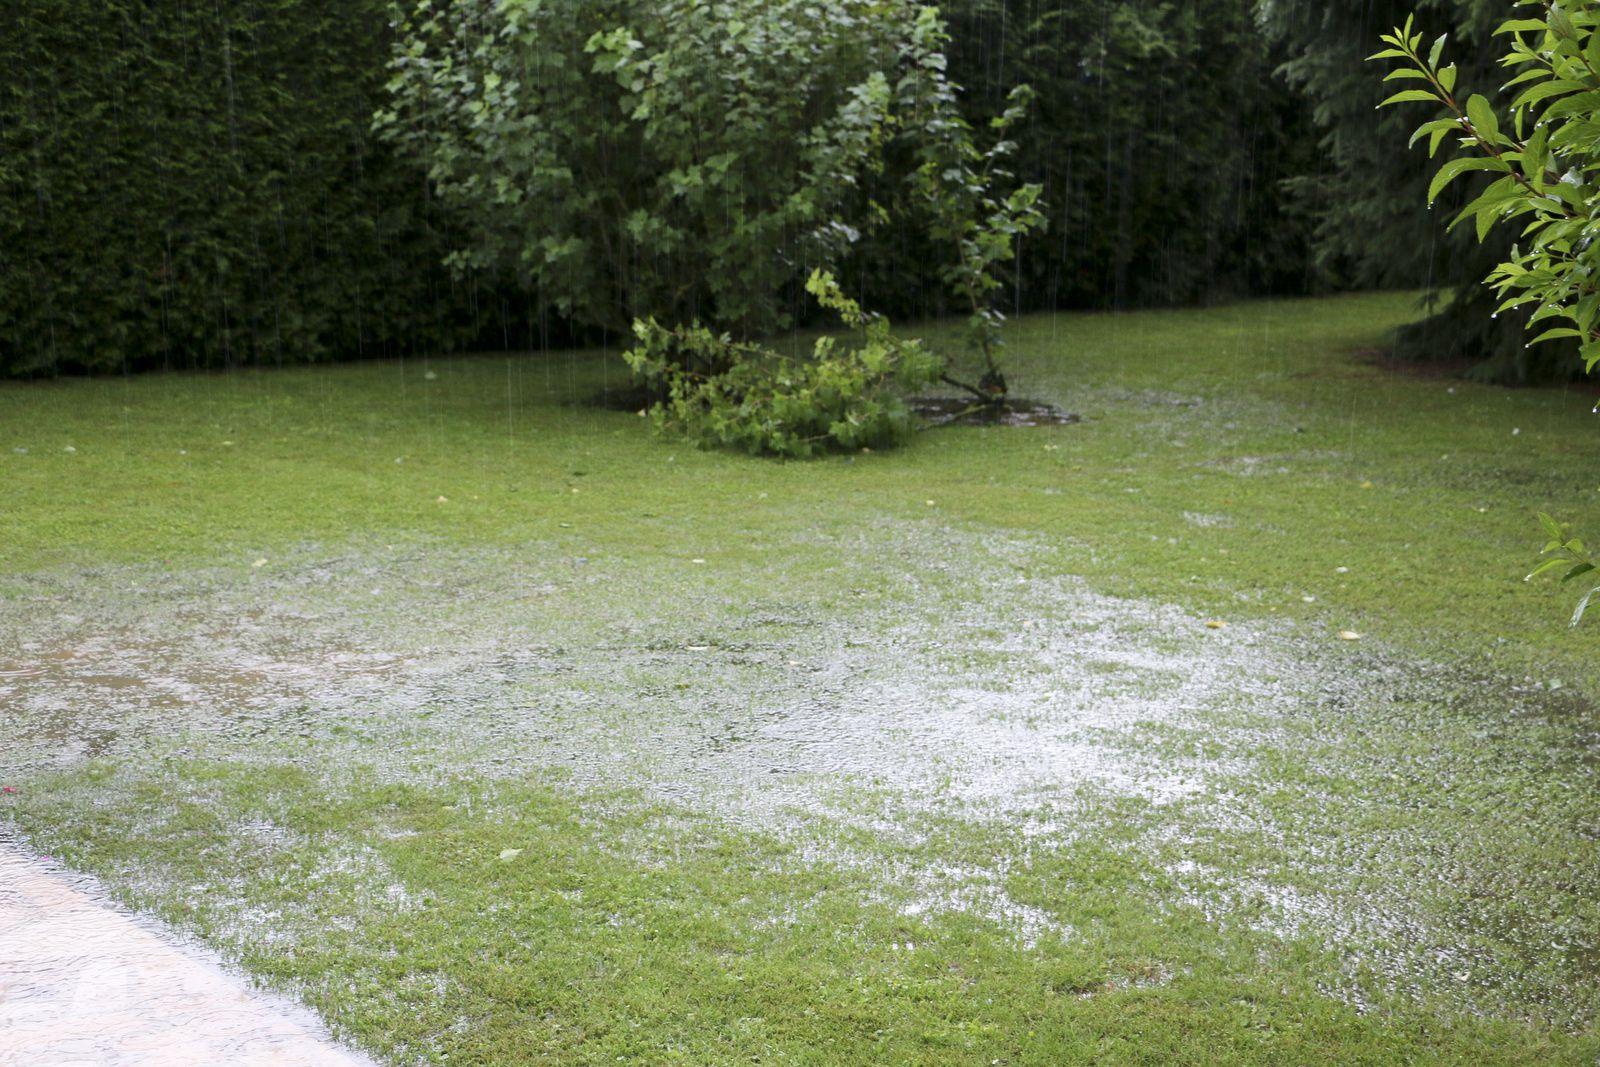 Les terres sont saturées depuis des mois de pluie incessante.